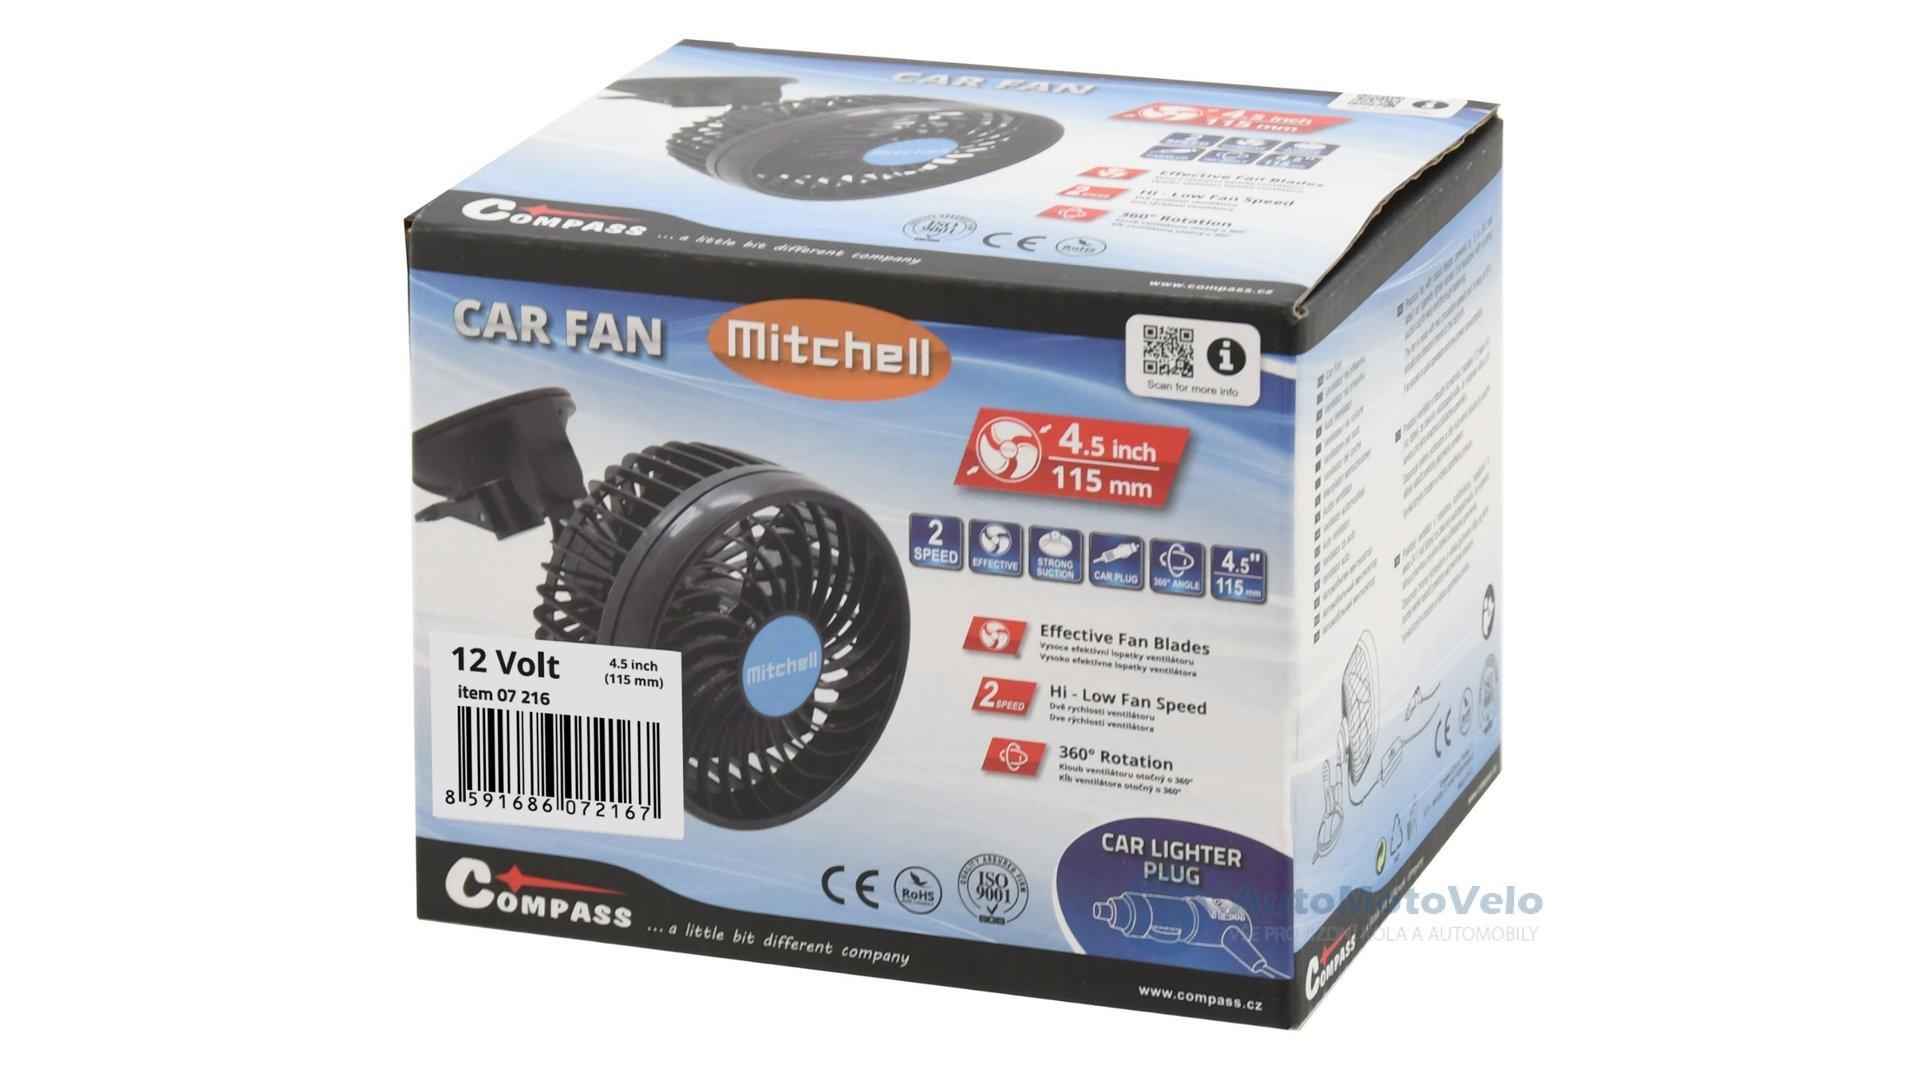 00db4ff5d Ventilátor MITCHELL 115mm 12V na přísavku - AutoMotoVelo – vše pro ...